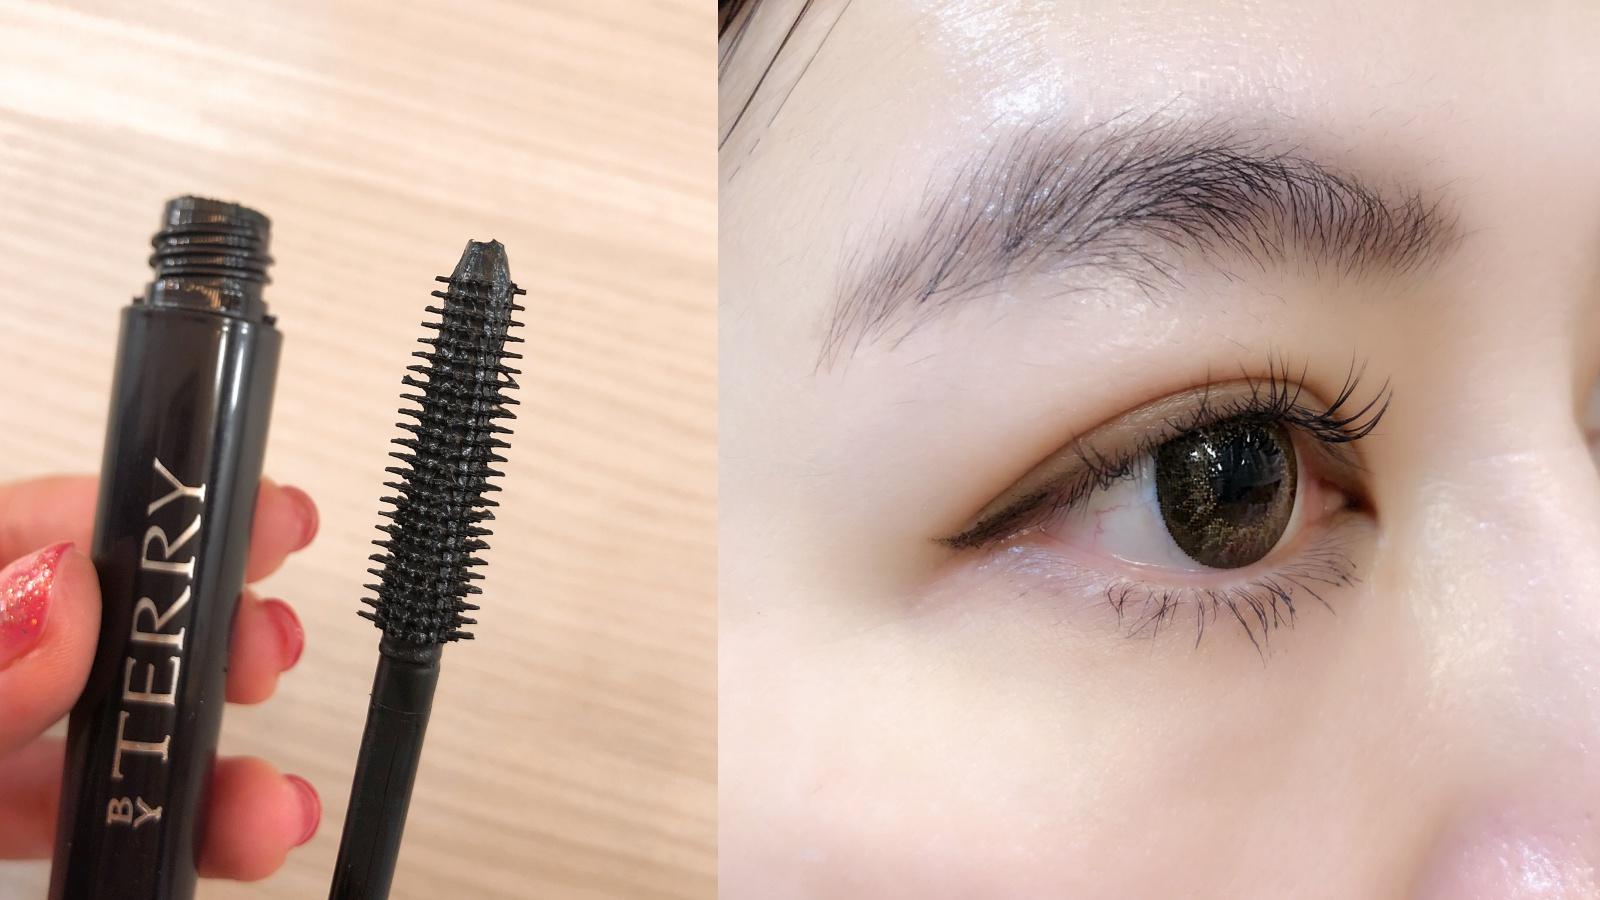 妆效媲美假睫毛!BY TERRY智慧型「专业完美纤浓睫毛膏 」让妳越刷越长